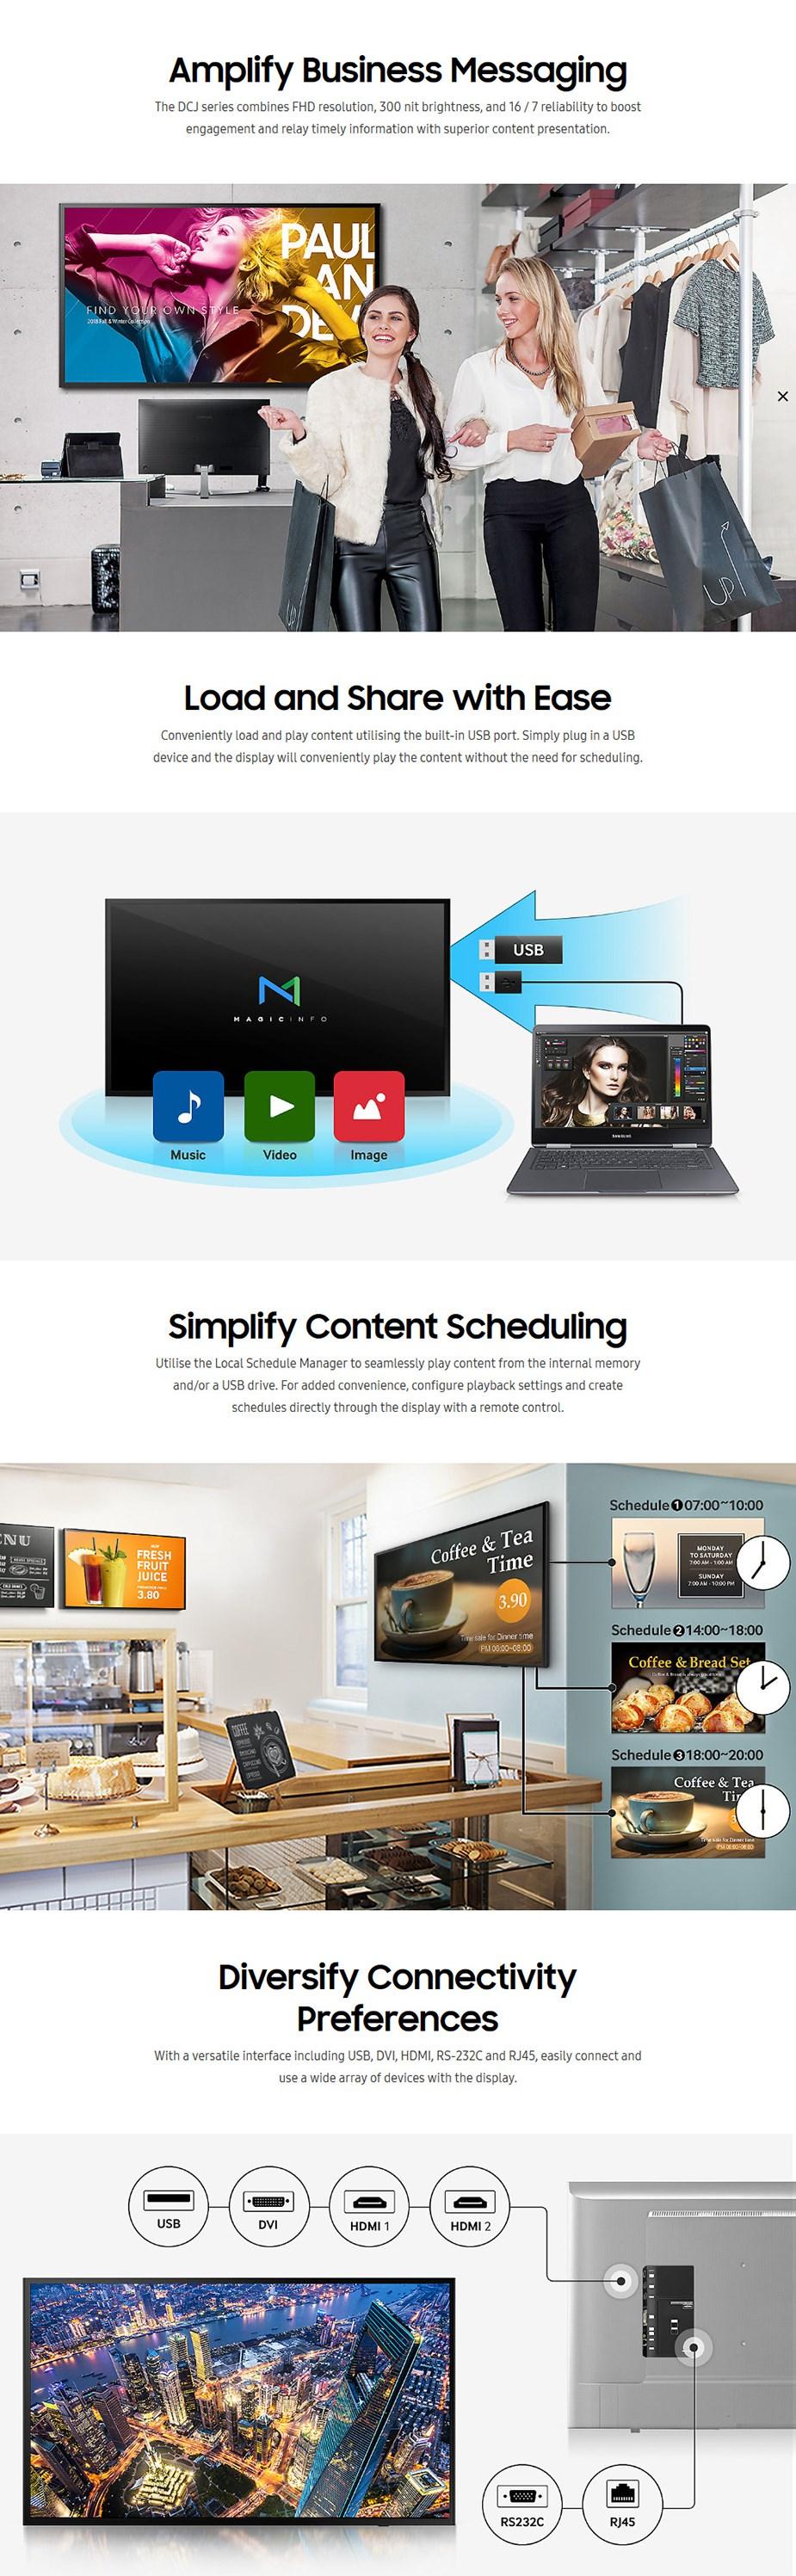 """Samsung DC Series 43"""" Full HD Direct LED Digital Signage - Desktop Overview 1"""